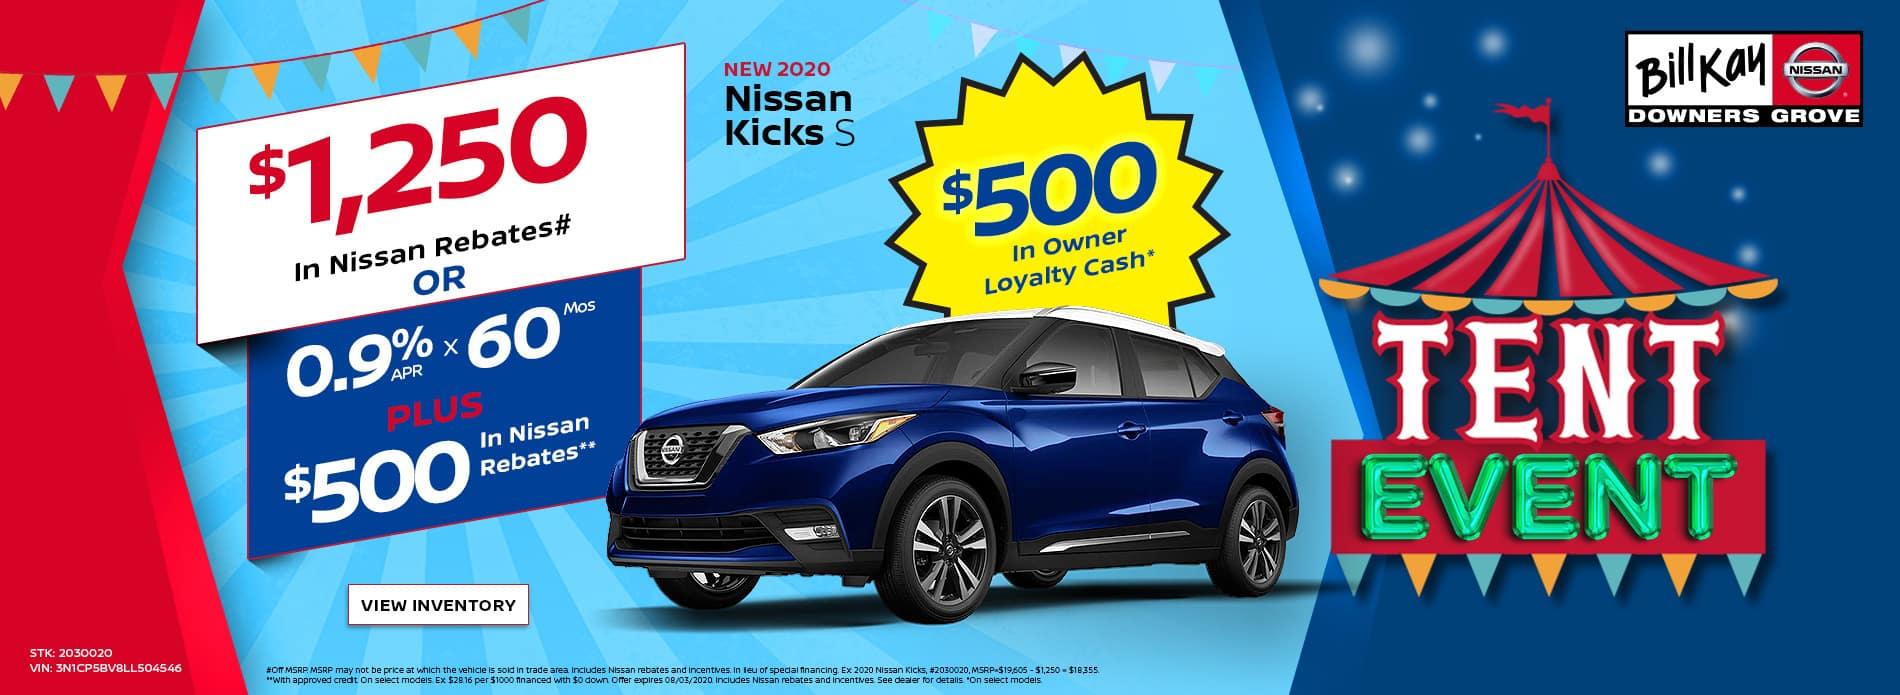 2019 and 2020 Nissan Kicks